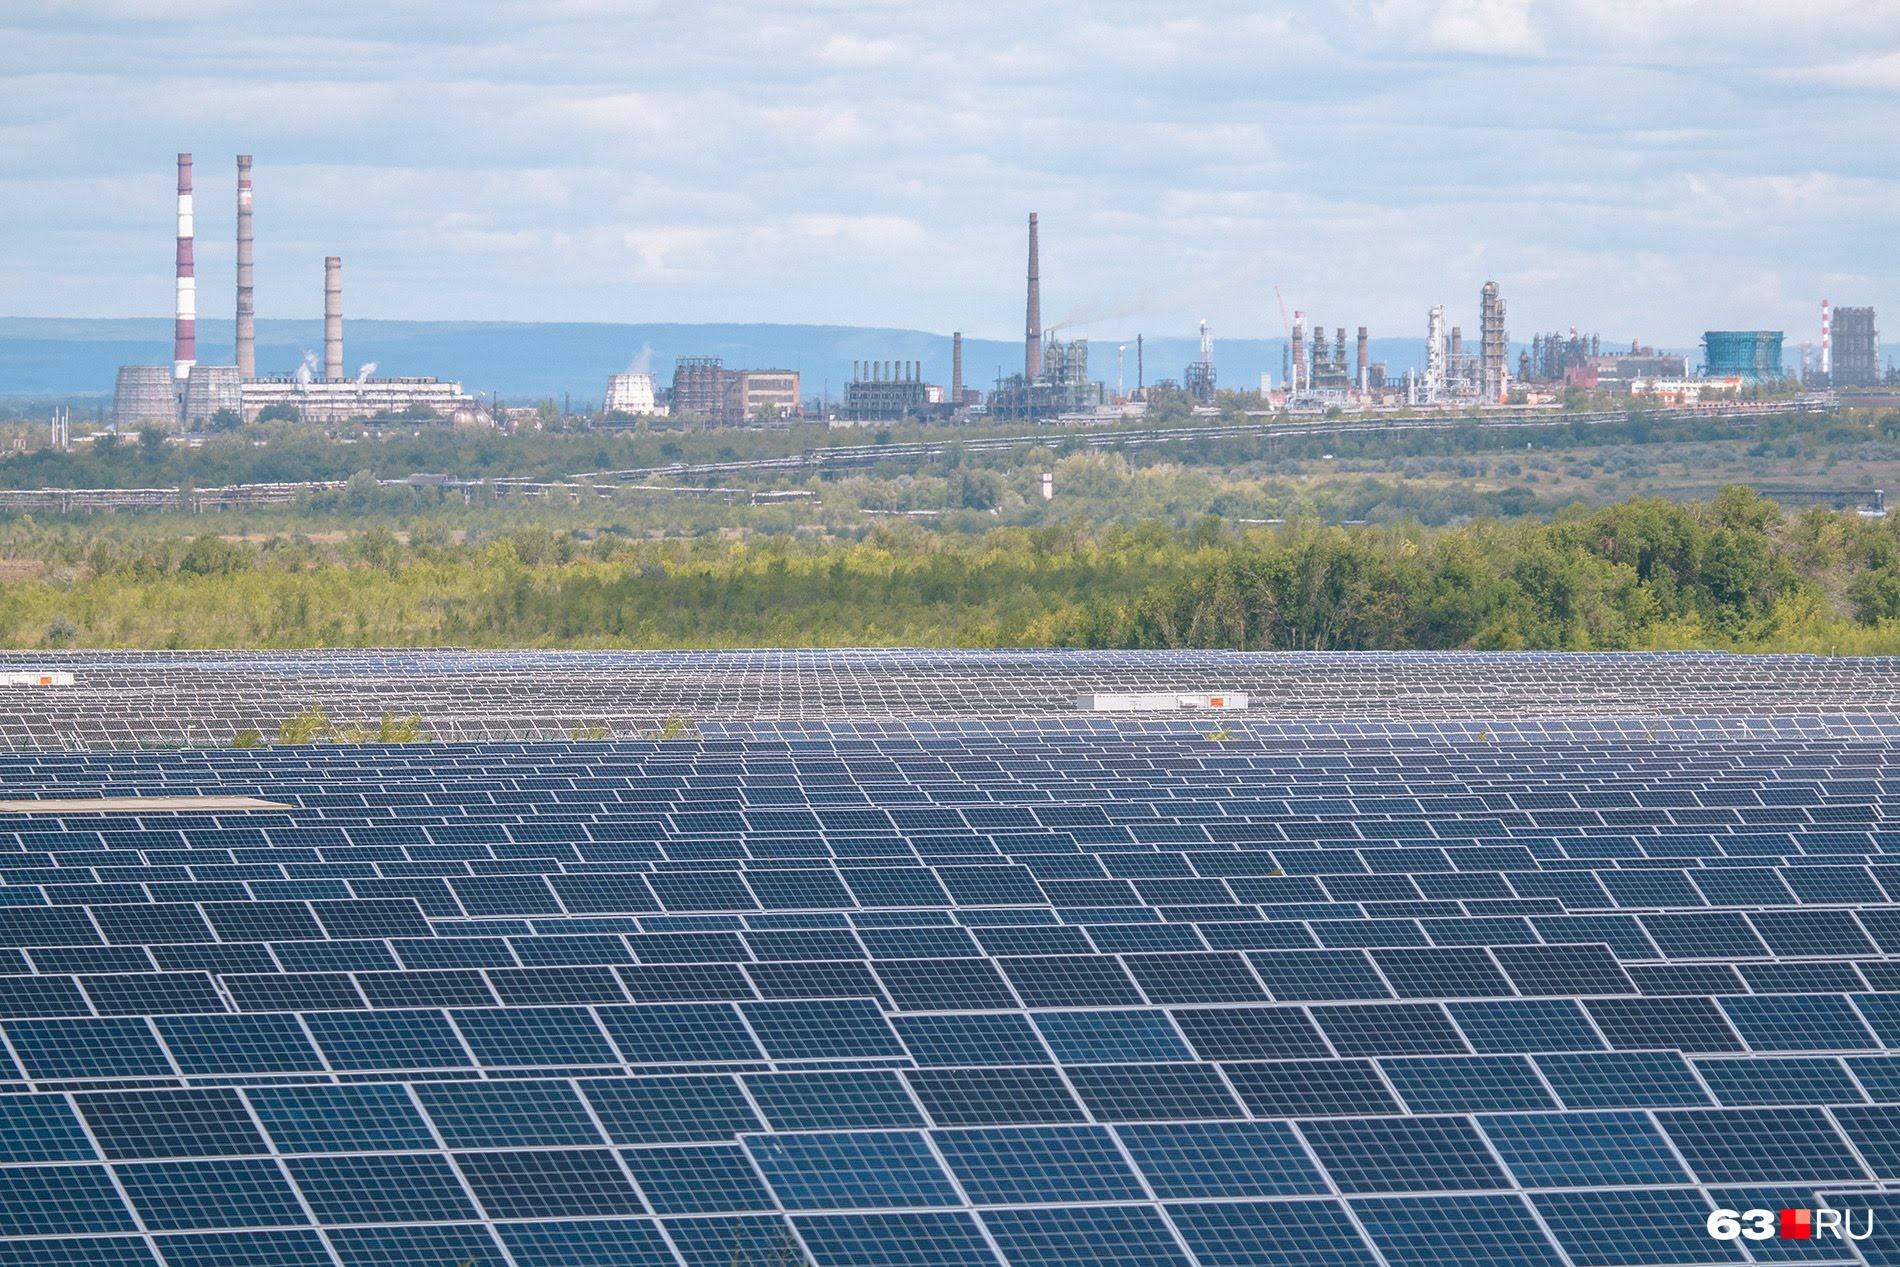 Солнечная энергия против атомной: даже выглядит приятнее